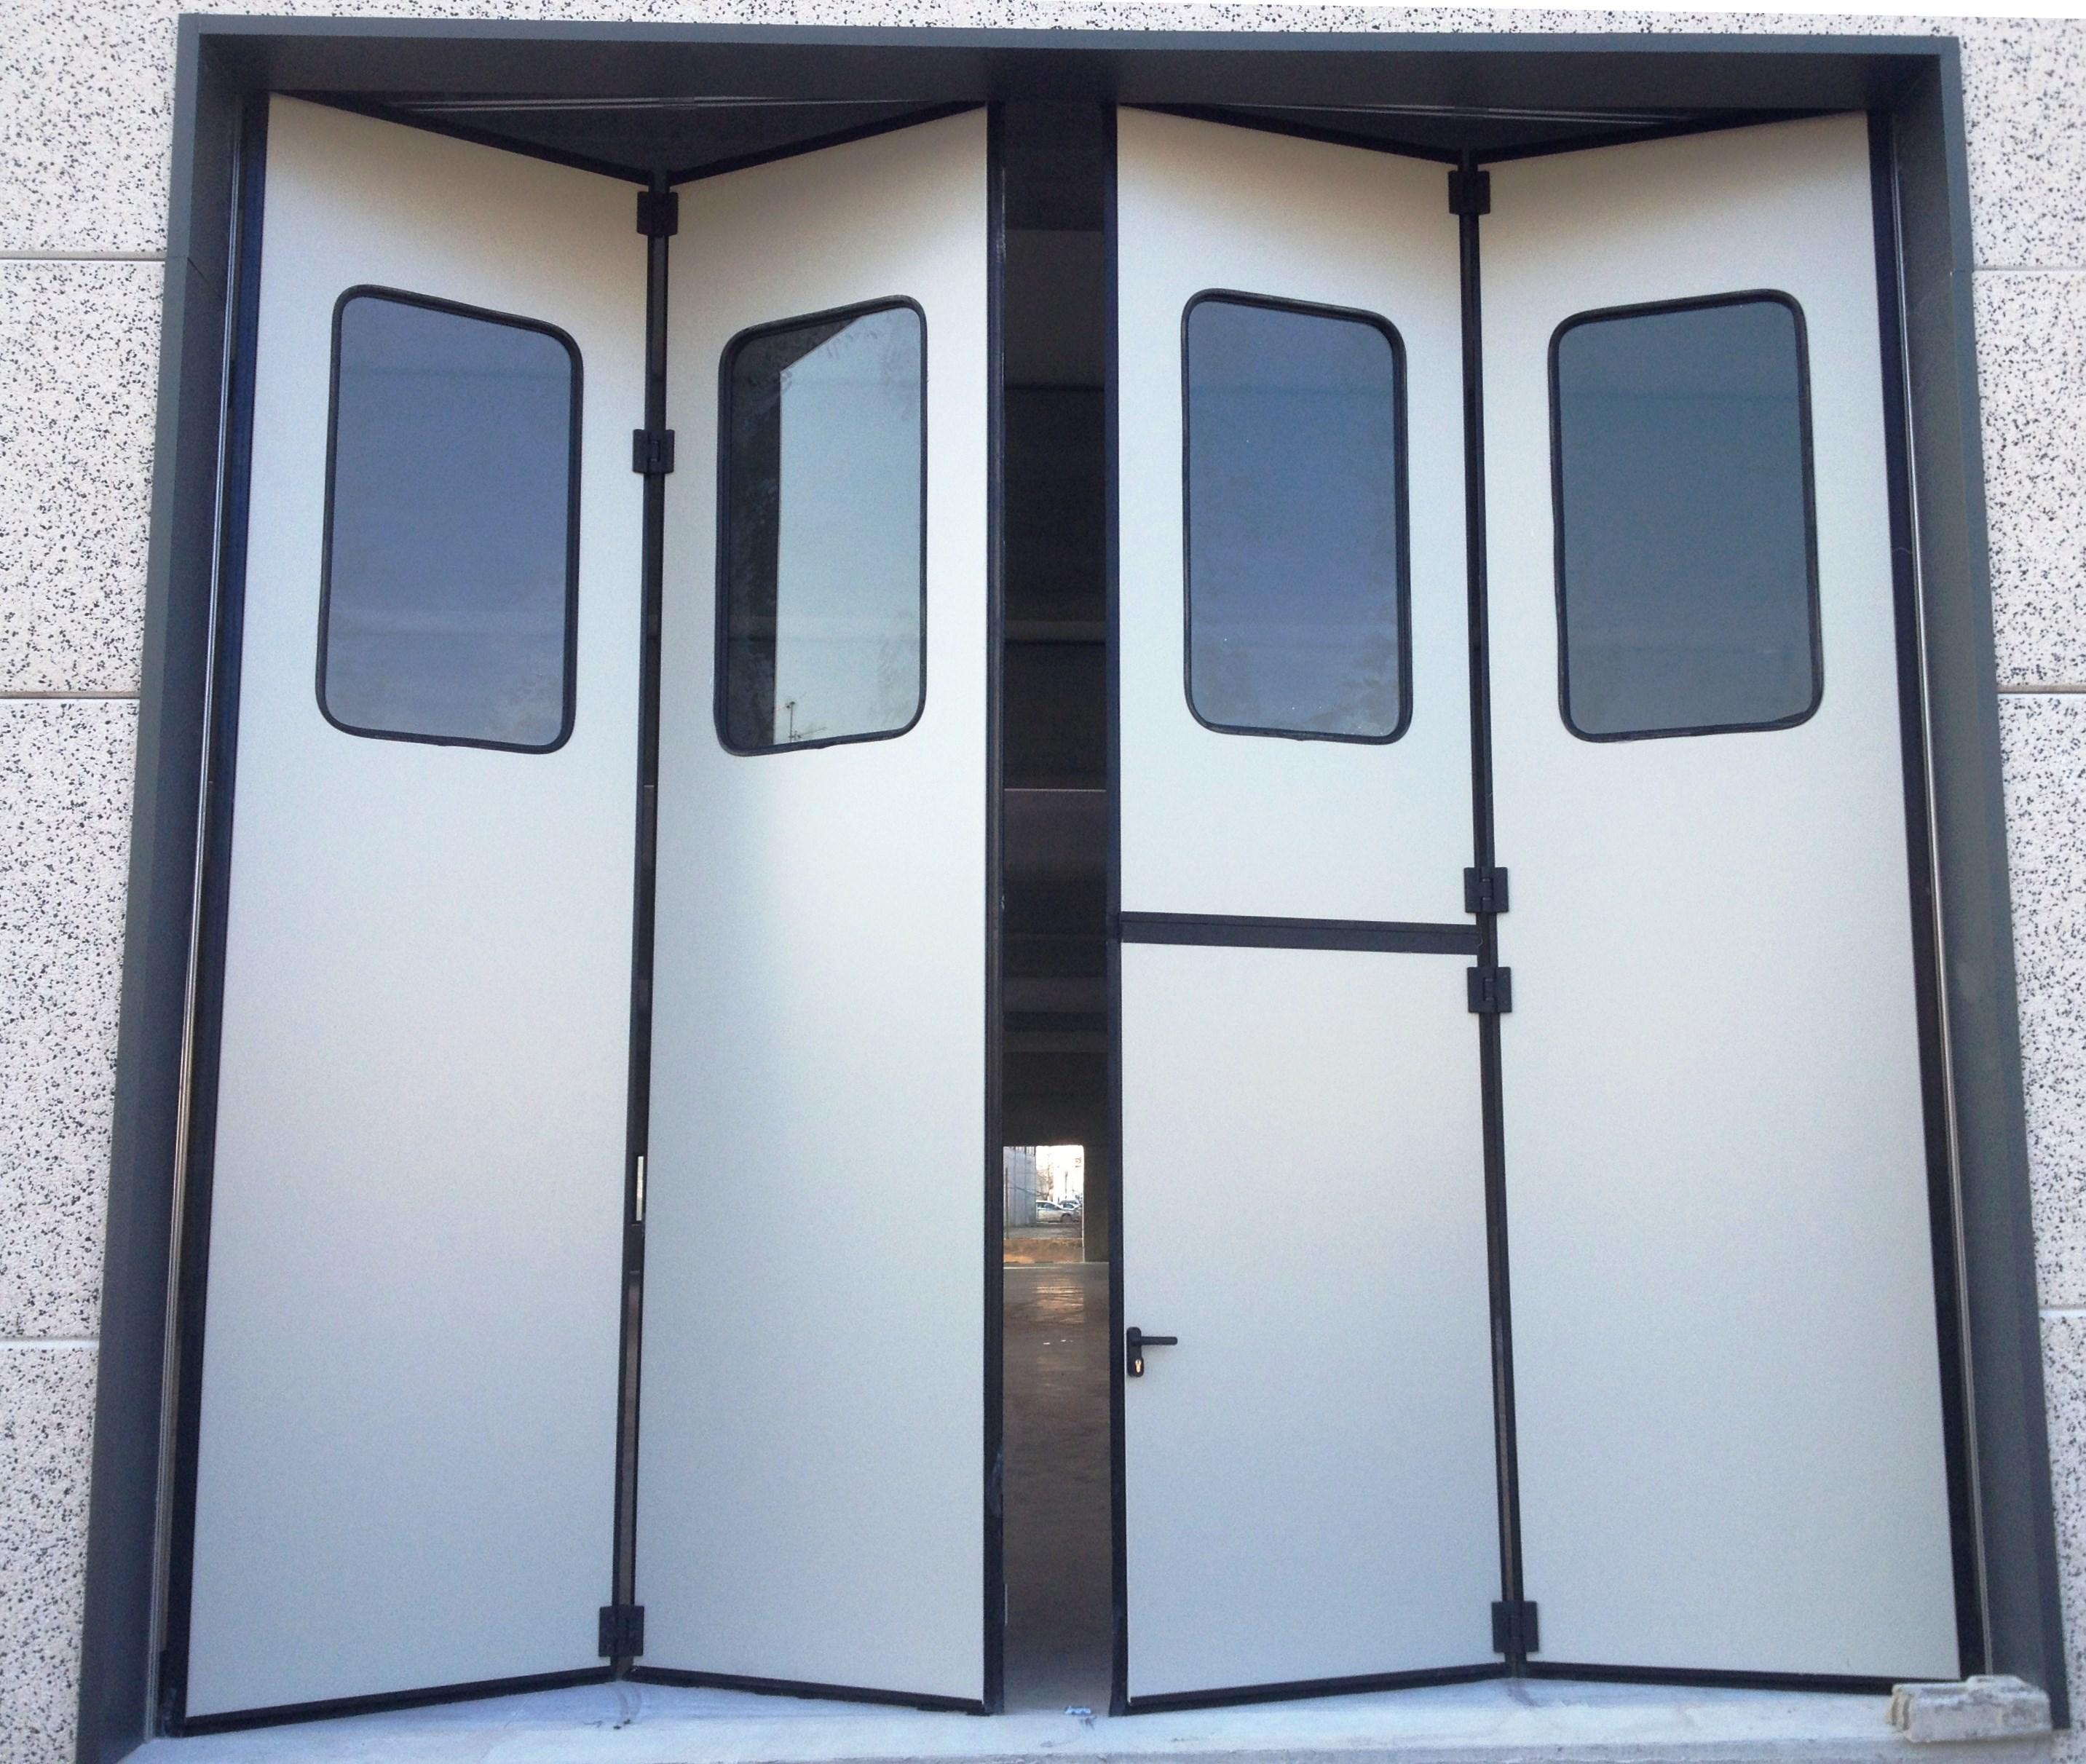 Portoni a libro per capannoni terminali antivento per for Coil porte rapide